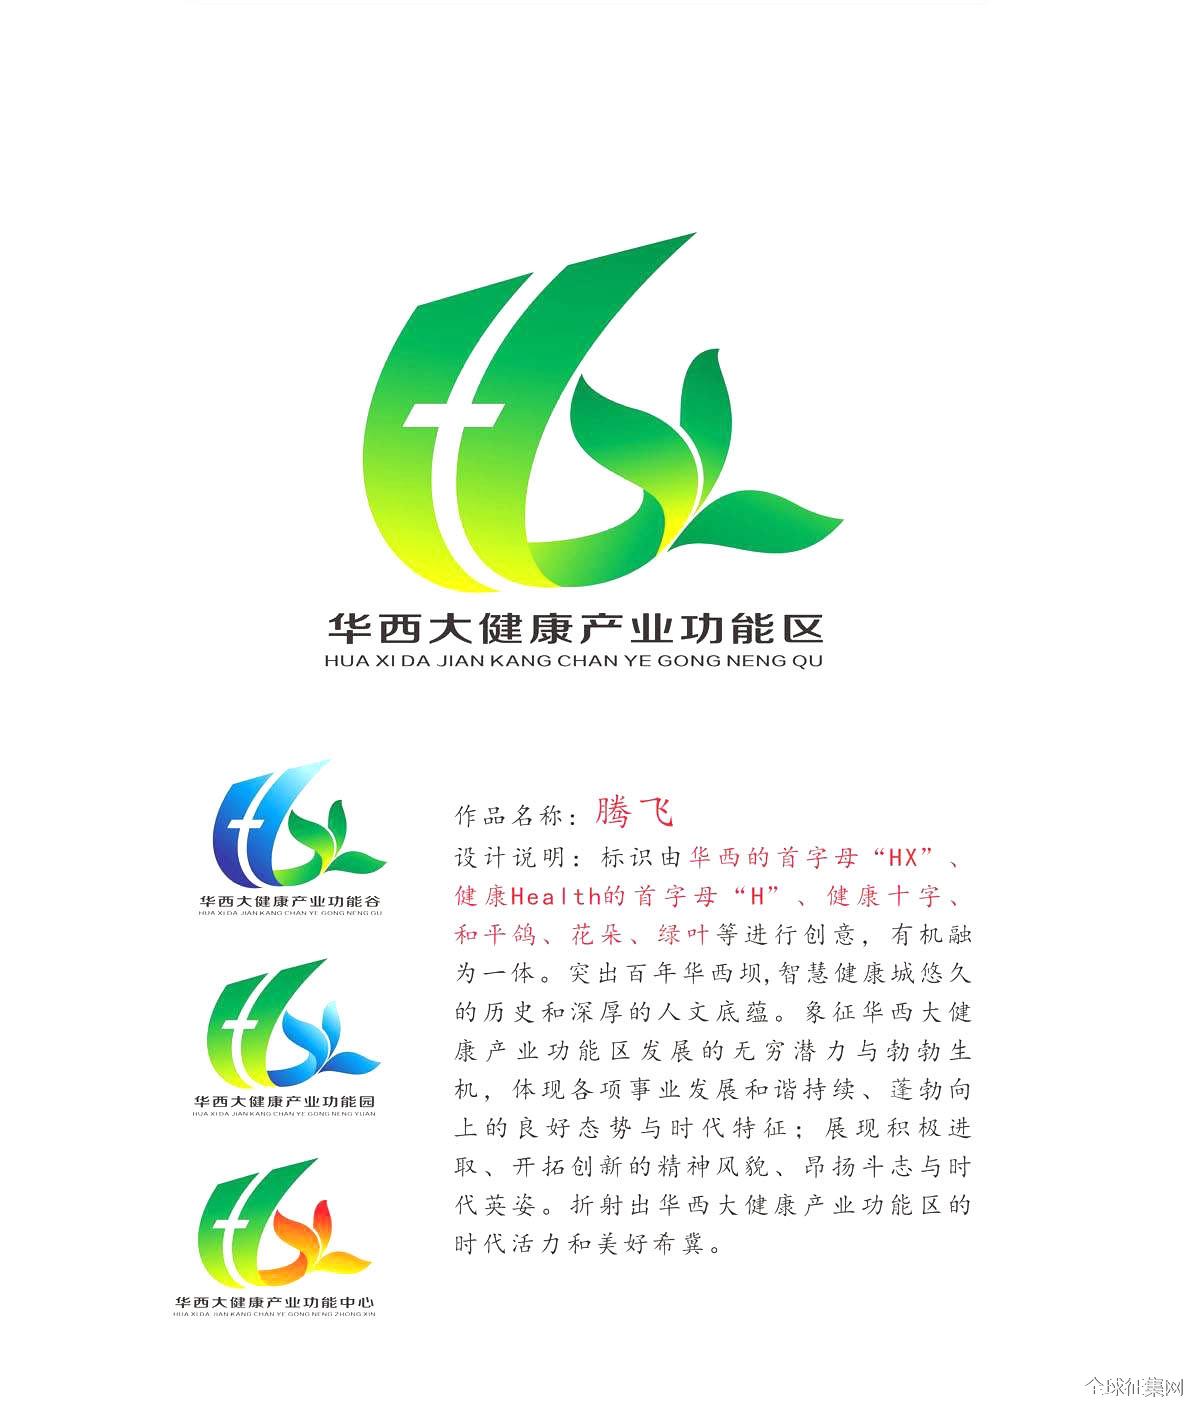 成都武侯华西大健康产业功能区LOGO设计征集大赛进入网络投票